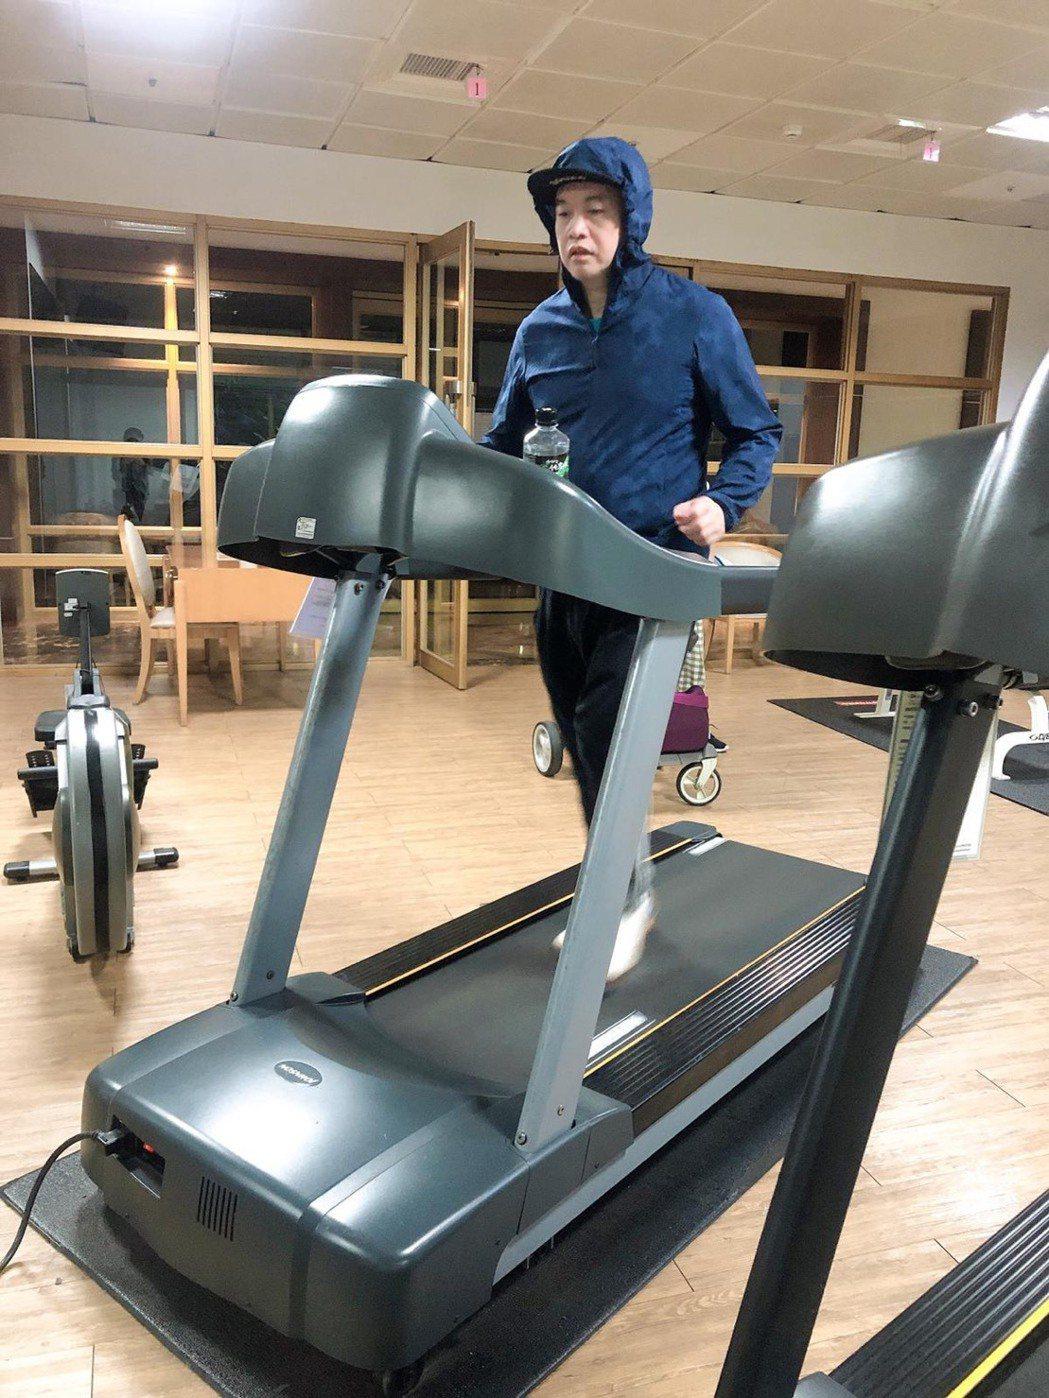 康康每天規律生活,除了跑步,還日走6千至1萬步。圖/康康提供